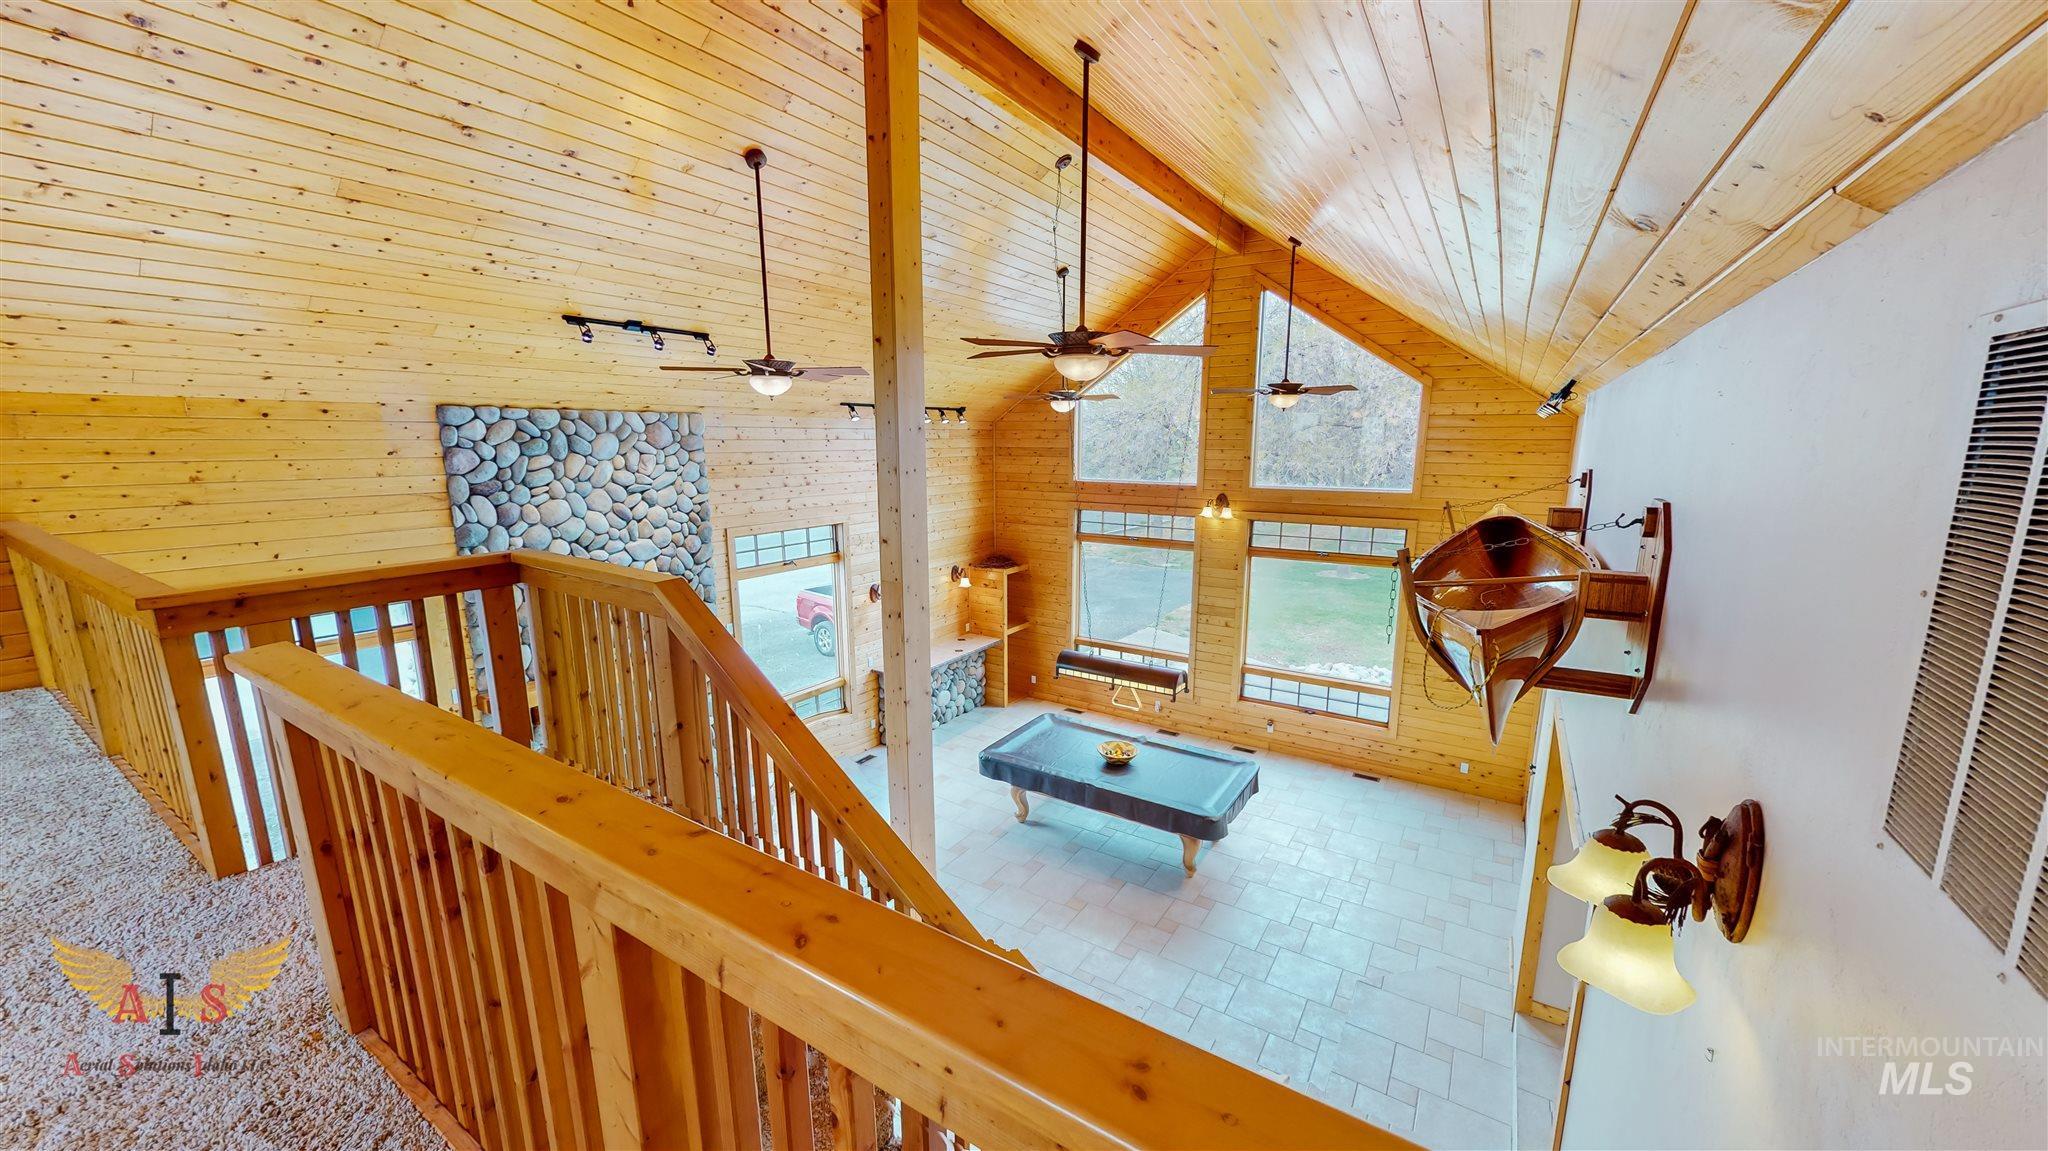 352 S 500 W Property Photo 6